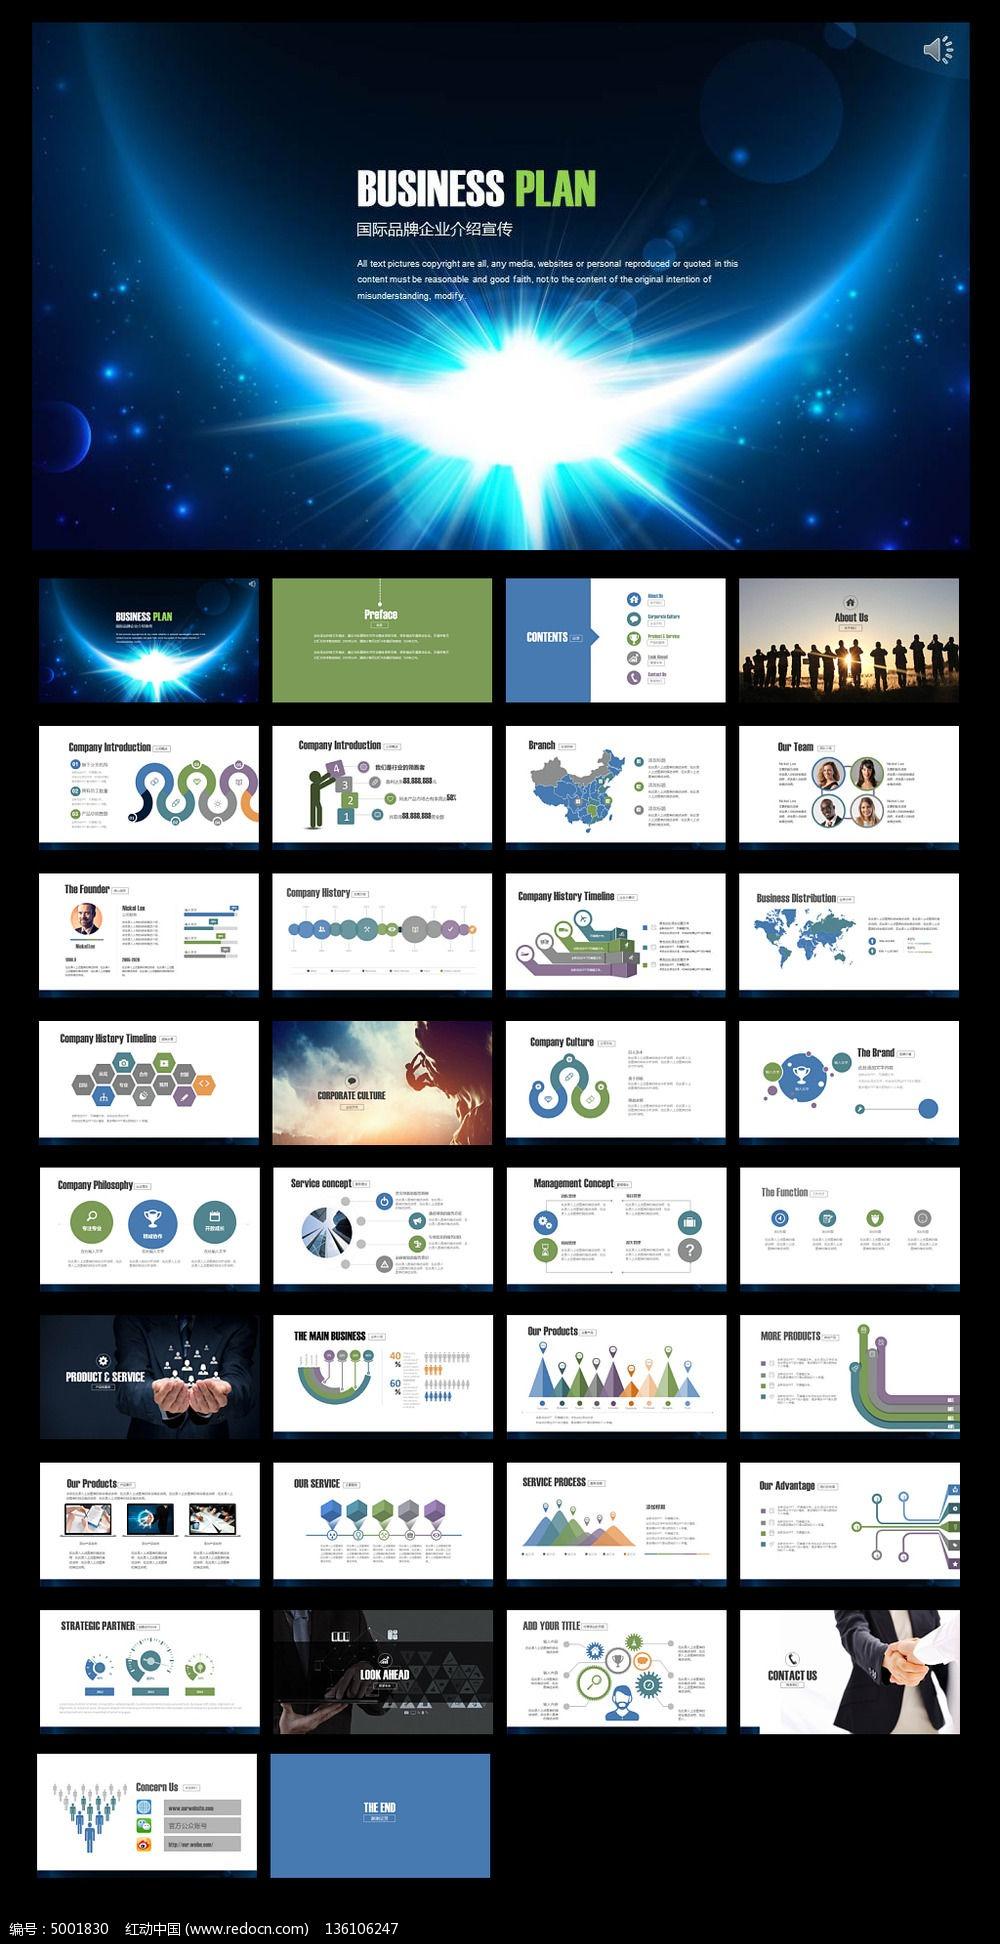 蓝色现代科技公司完整框架宣传介绍ppt模板